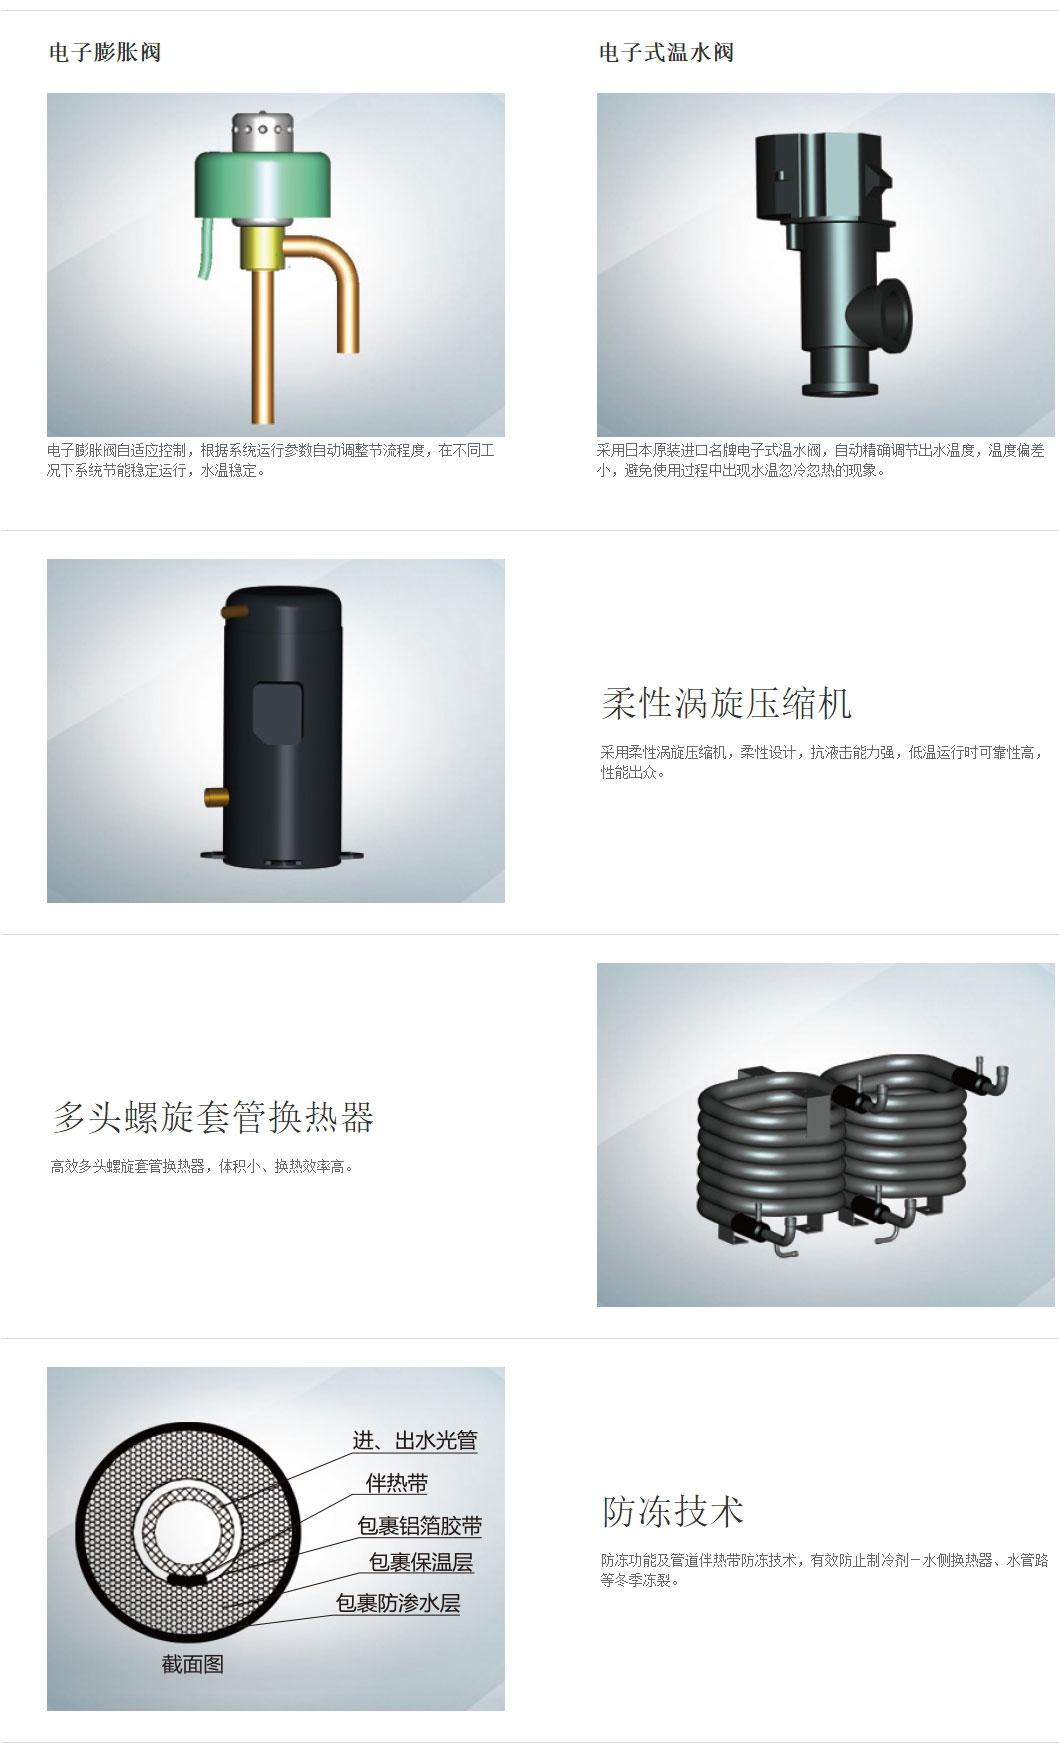 格力中央热水器